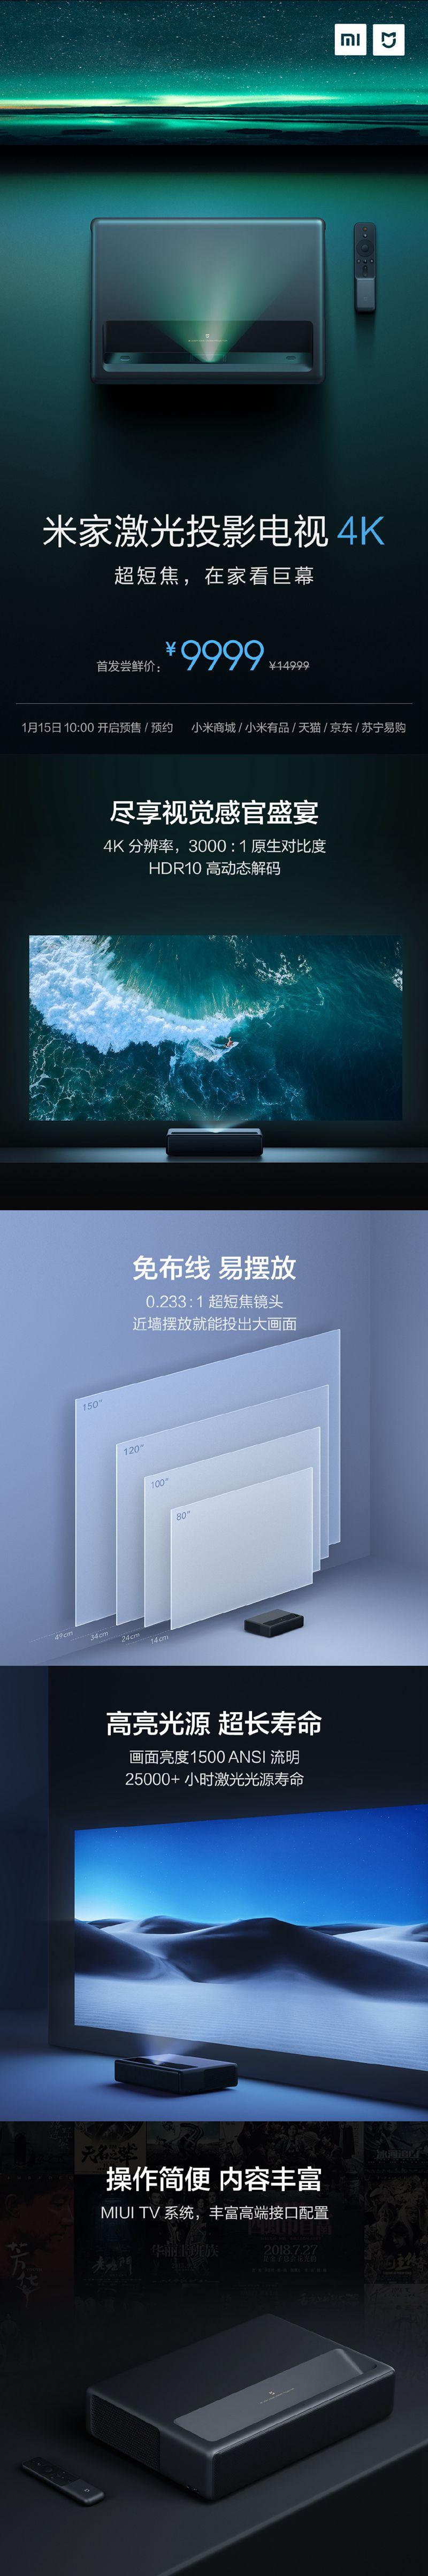 米家激光投影电视4K版正式发布:9999元